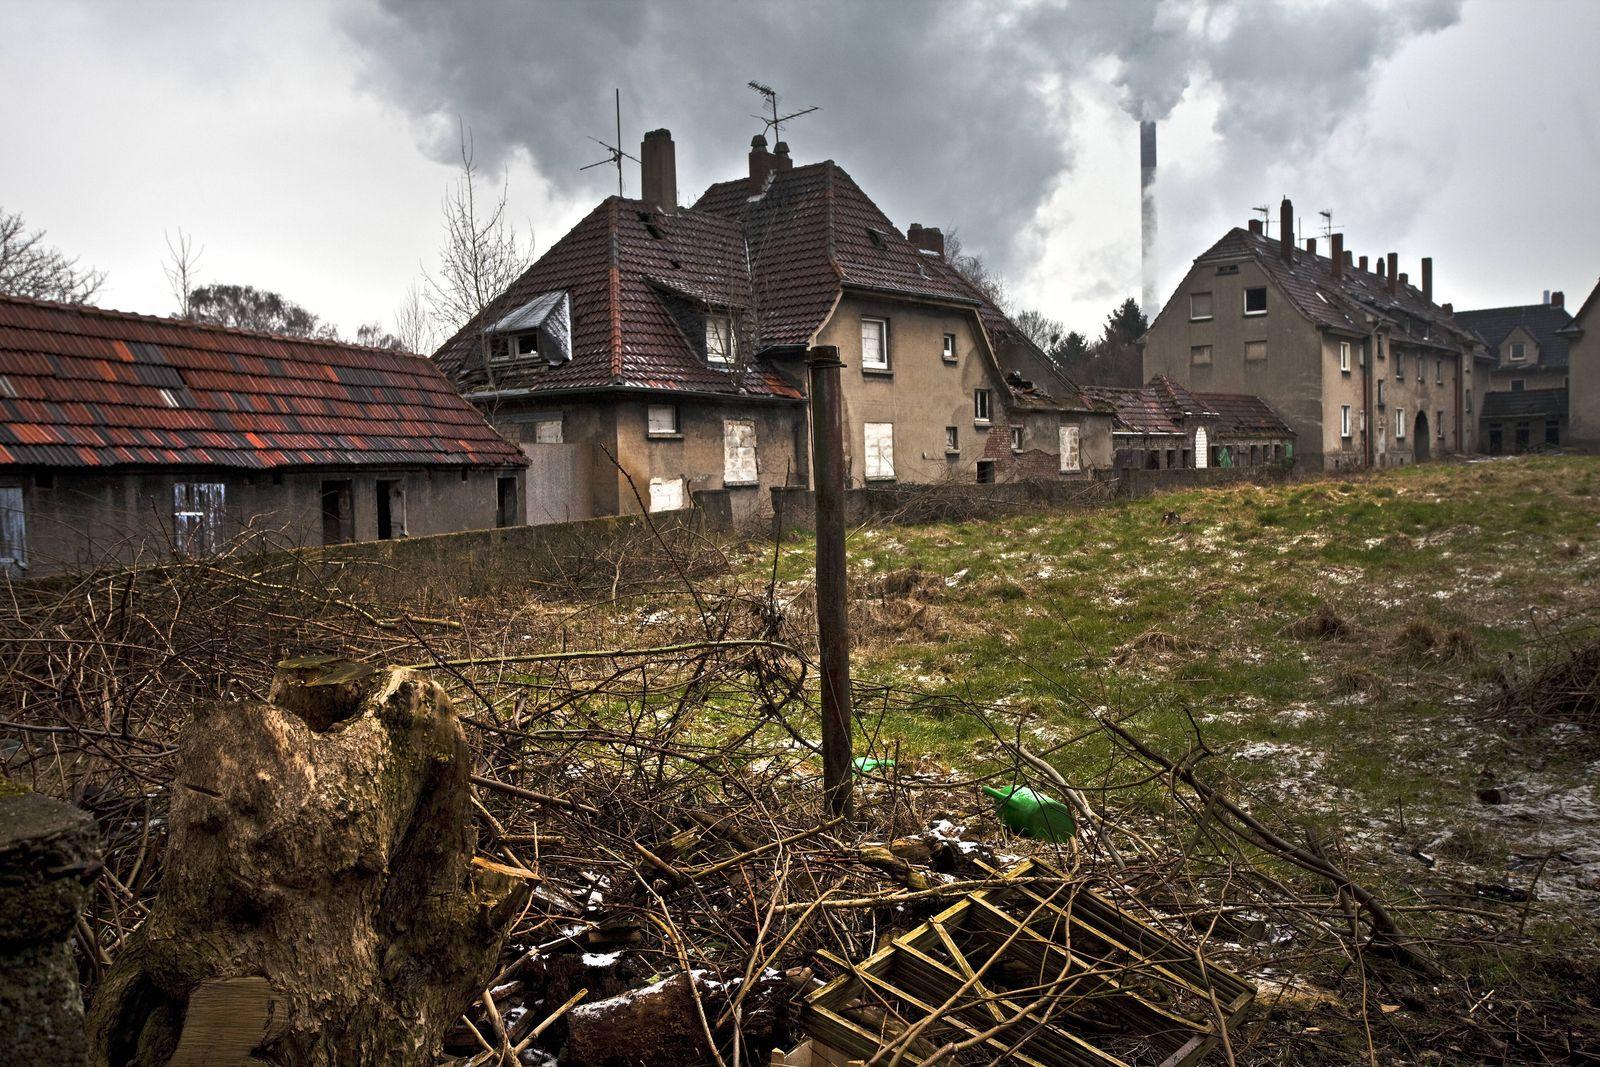 EINMALIGE VERWENDUNG Ruhrgebiet / Armut / verfallen / Verlassen / Baufällig